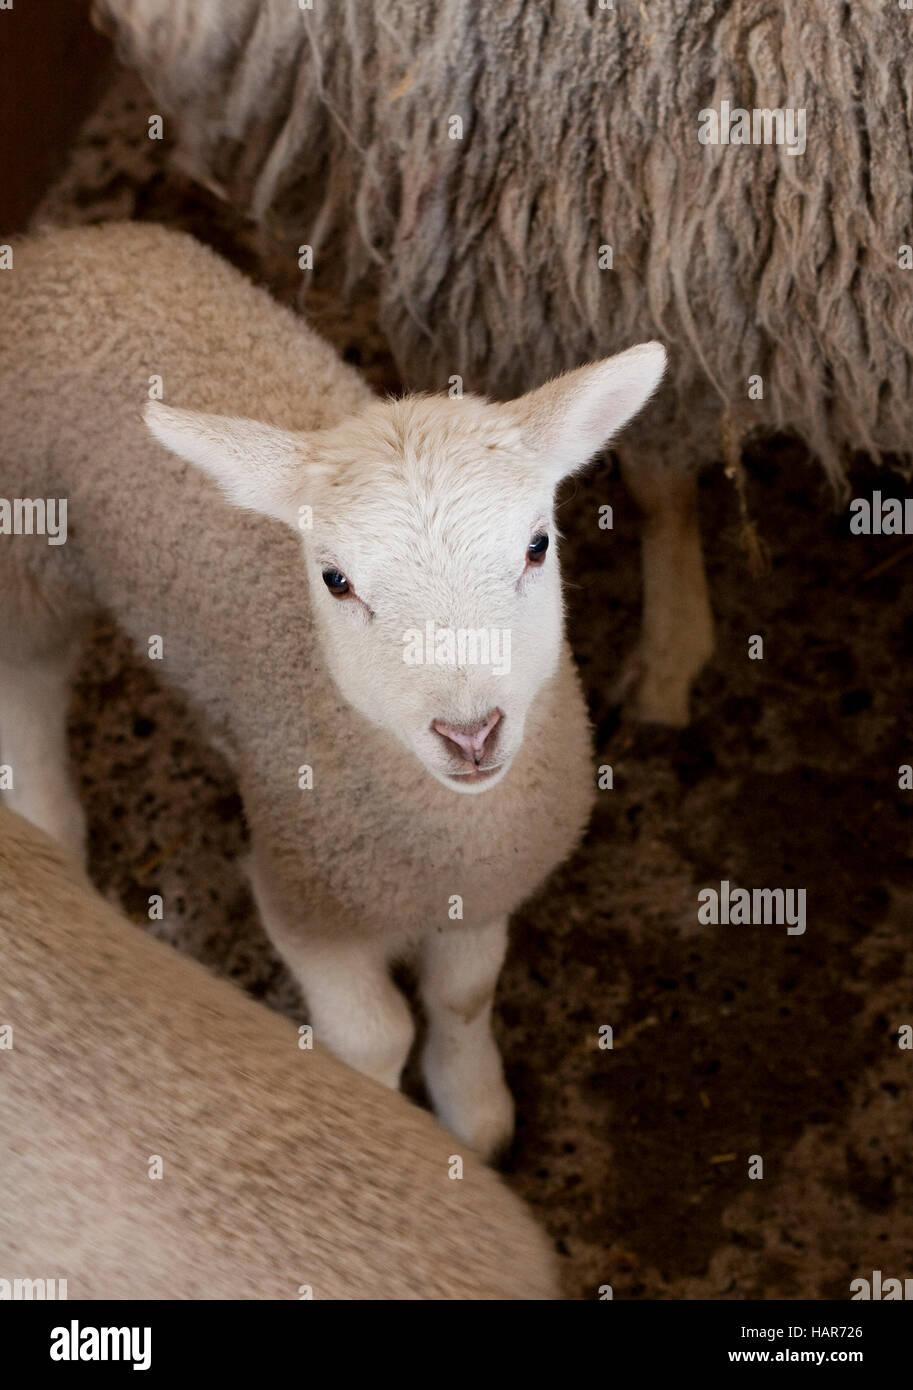 Young lamb looks up at camera Stock Photo